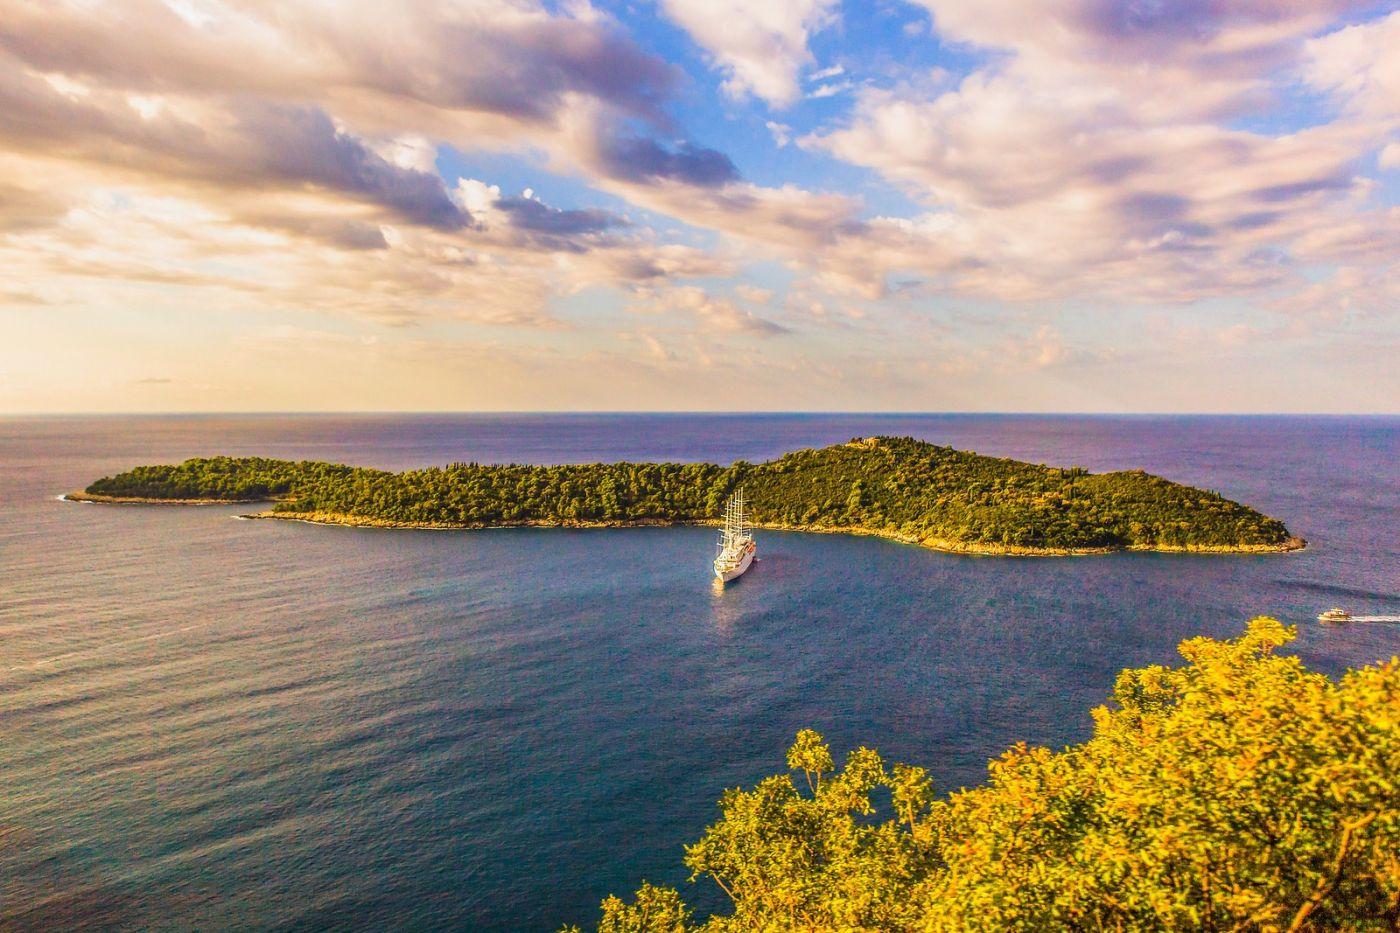 克罗地亚杜布罗夫尼克(Dubrovnik),远眺古城_图1-16